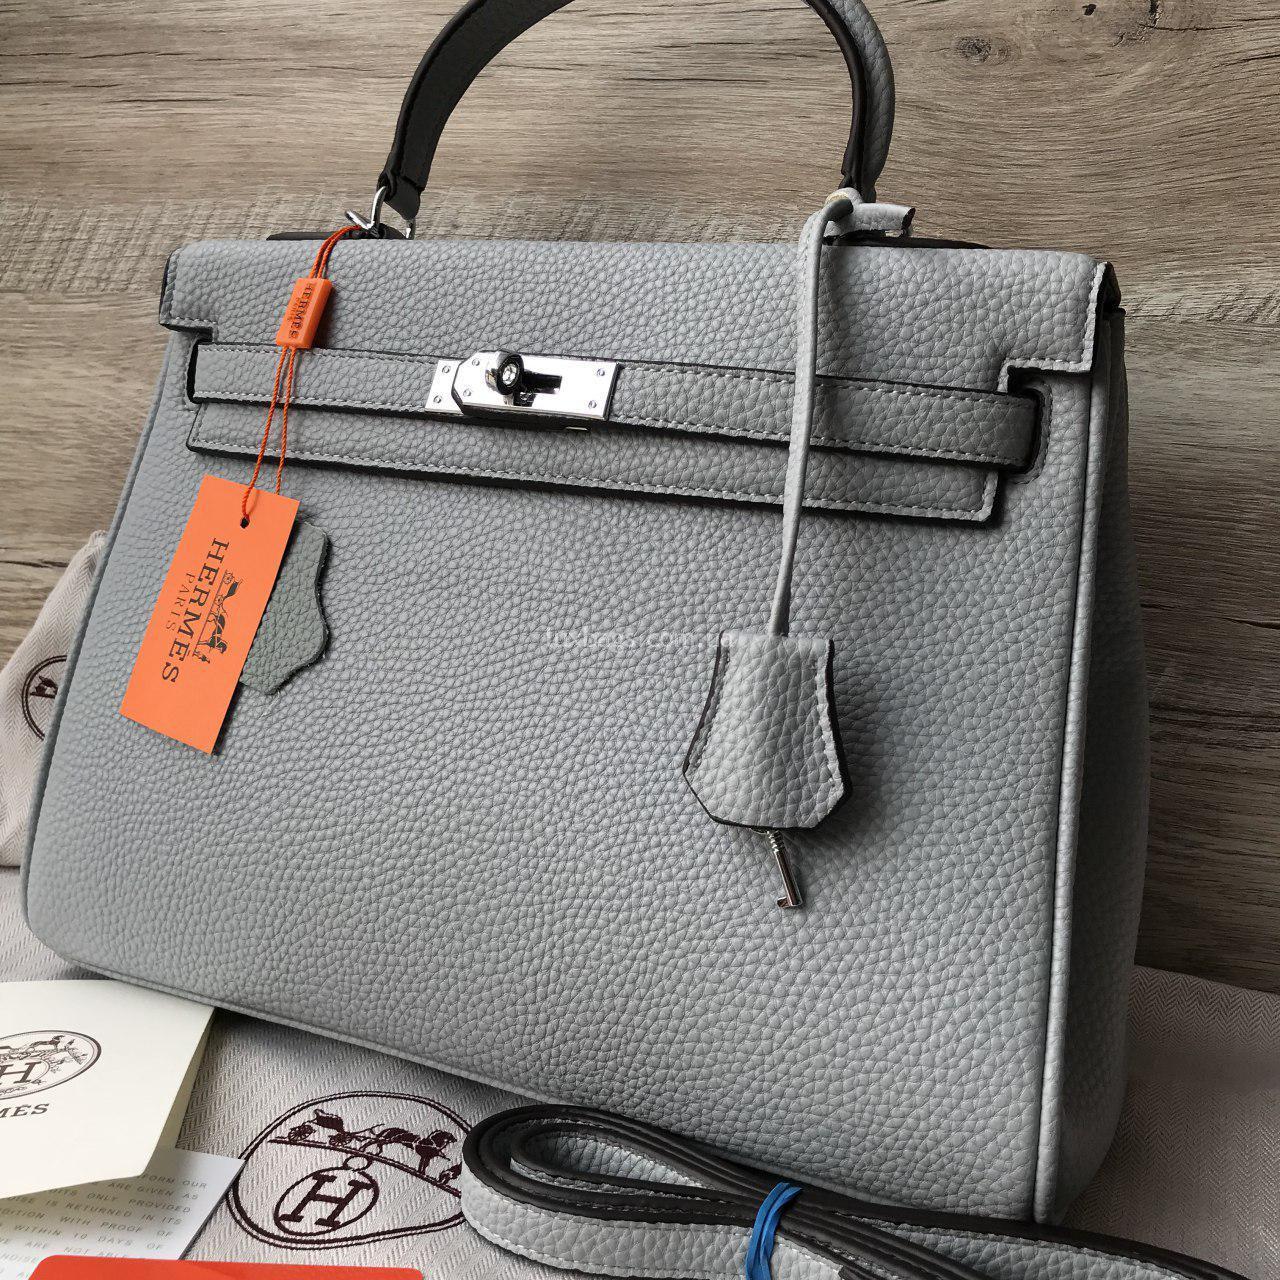 0953a7627b11 сумки гермес келли купить недорого · Женская сумка Hermes Kelly фото серой  сумки